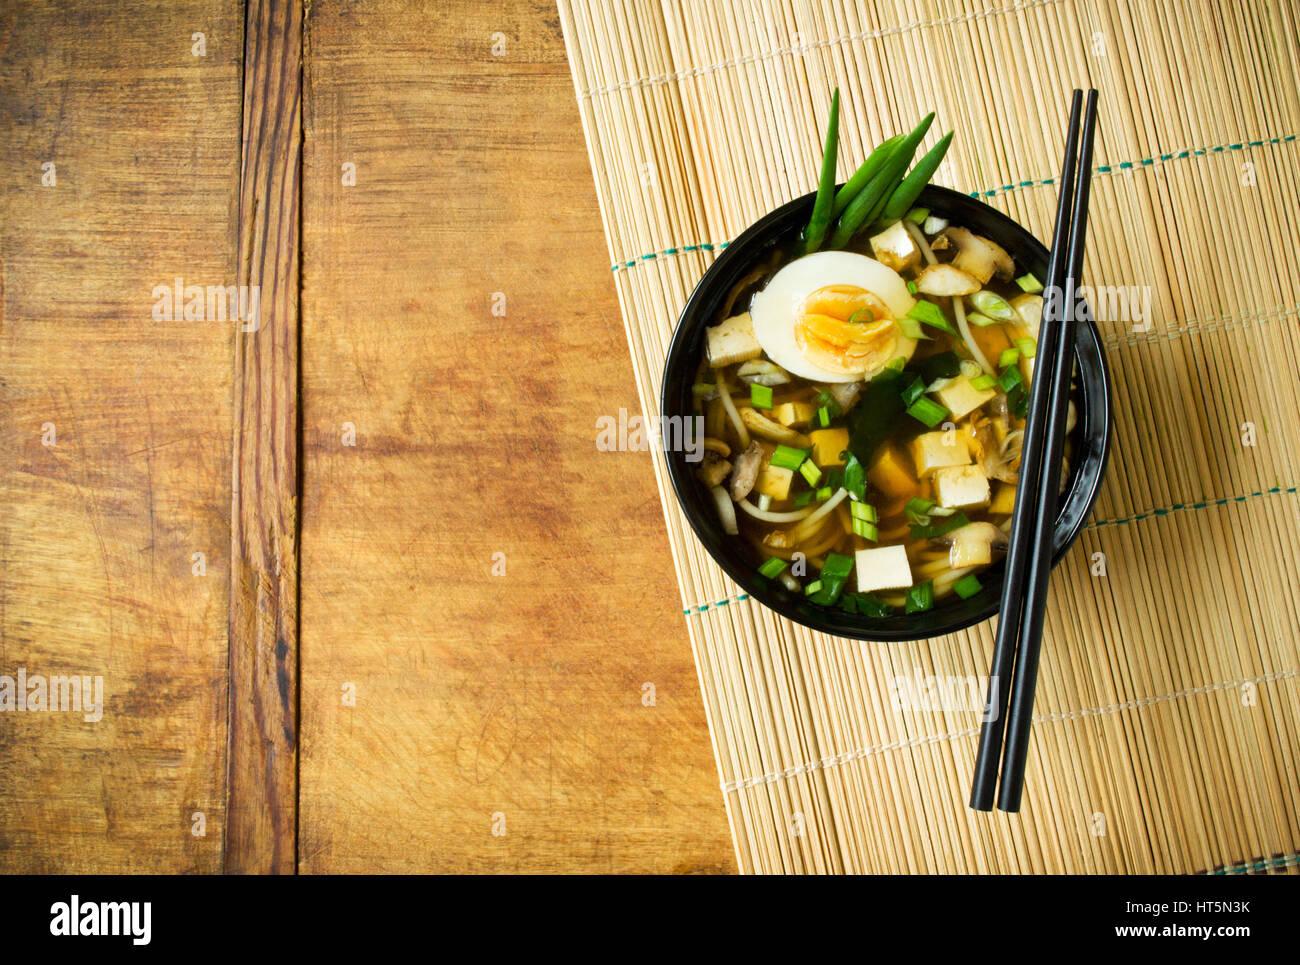 La soupe miso japonaise en noir tasse sur fond de nattes de bambou Photo Stock